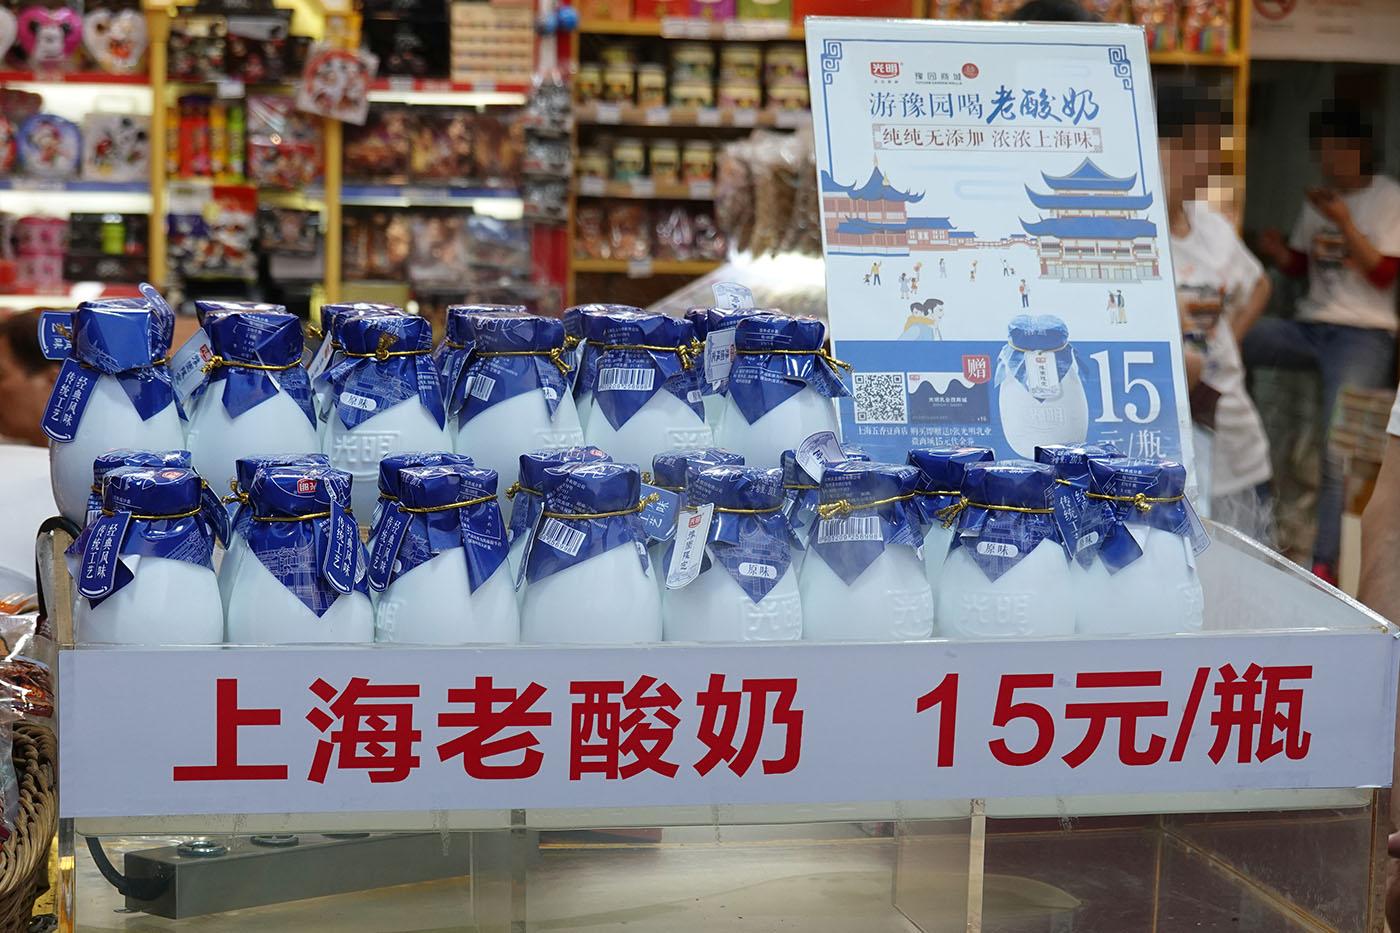 上海老酸奶